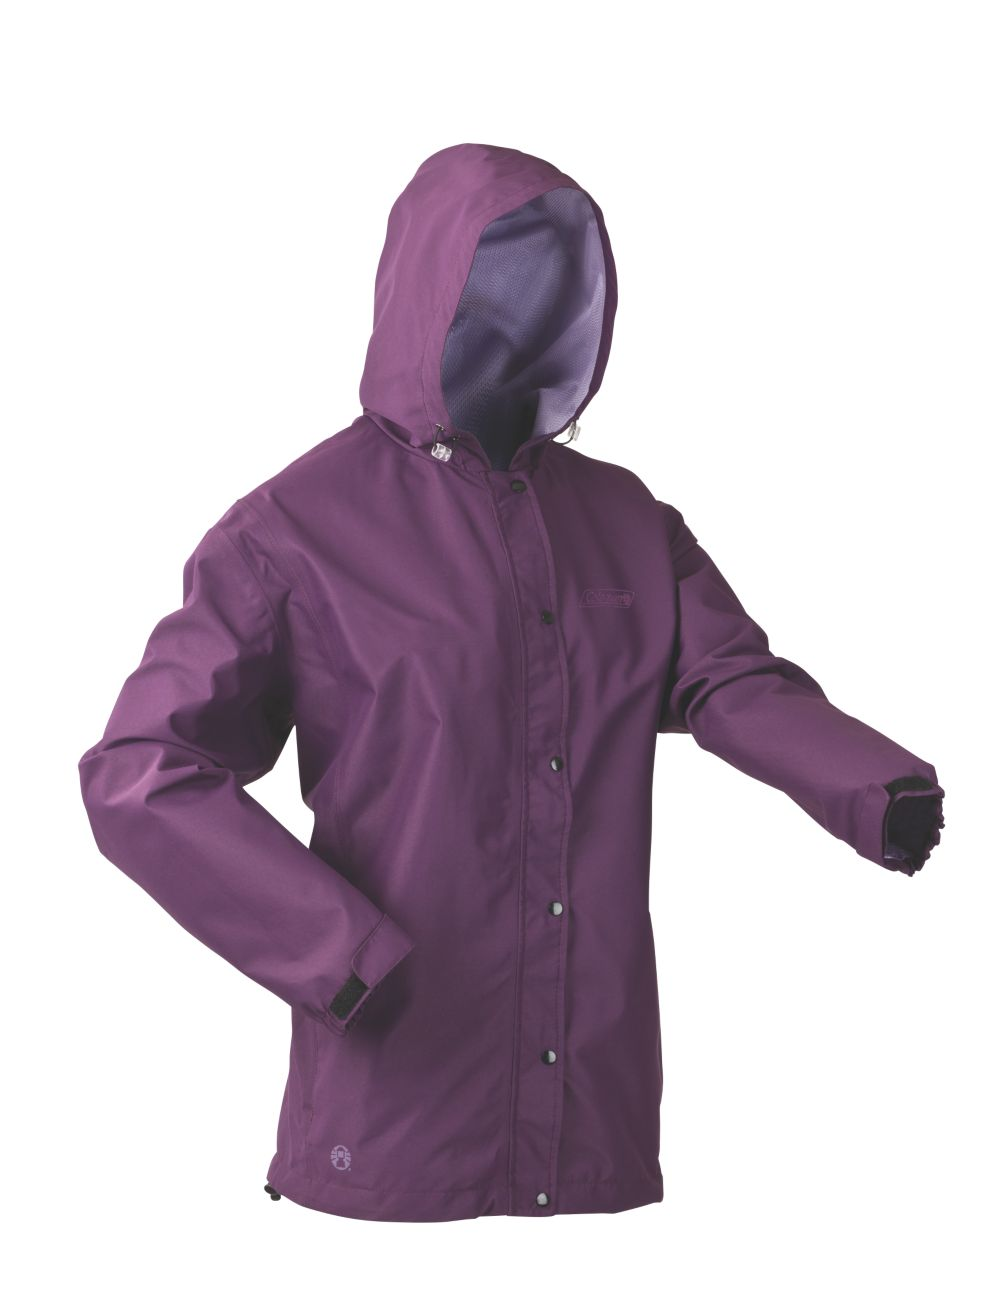 Women's Outdoor Jacket